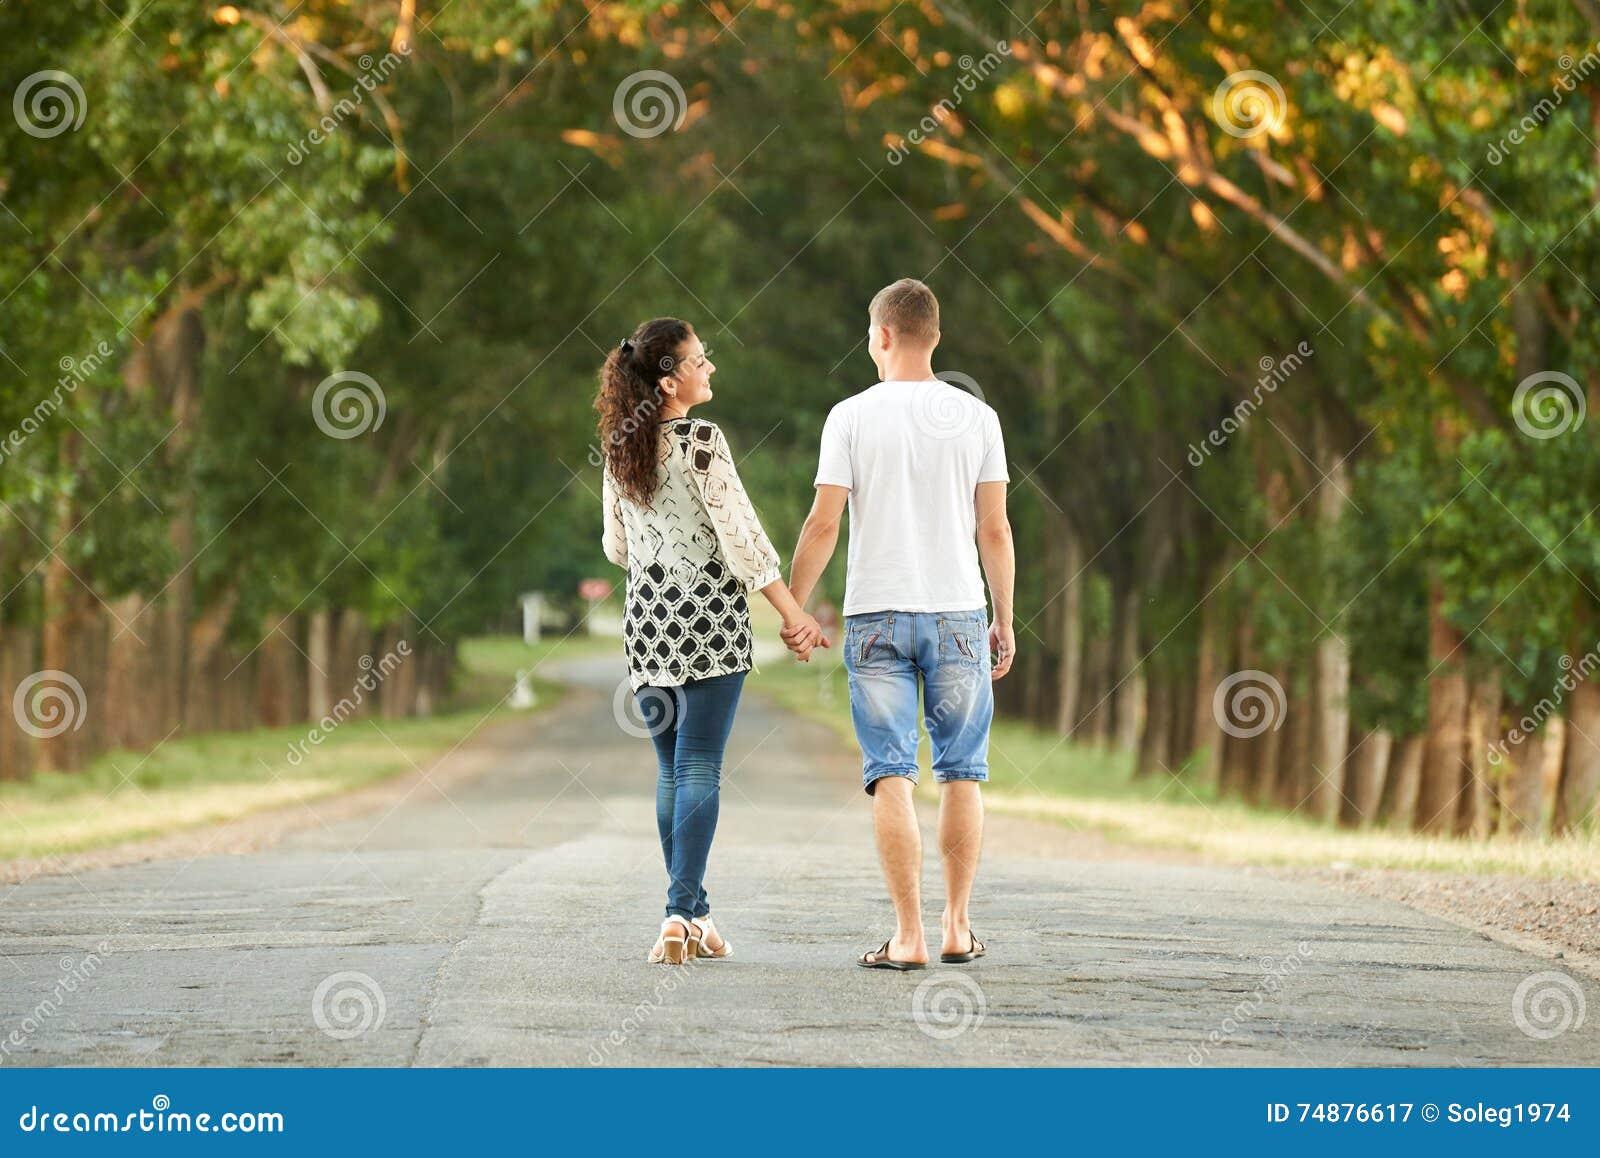 Os pares novos felizes andam na estrada secundária exterior, conceito romântico dos povos, temporada de verão